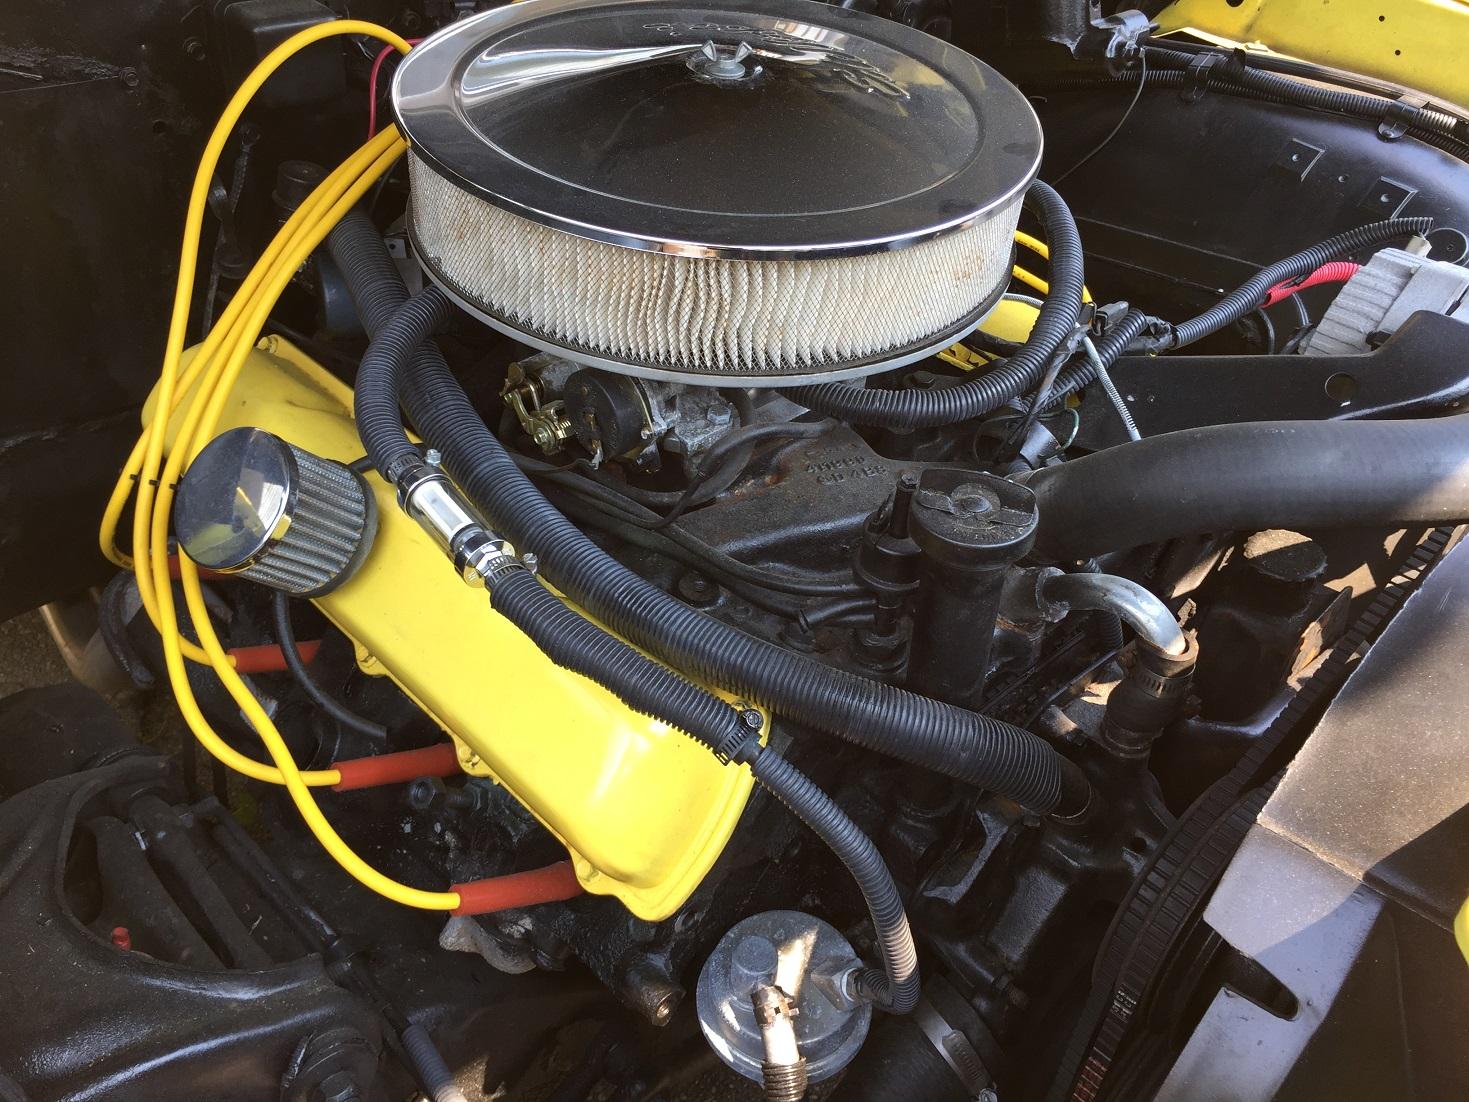 Yellow cutlass 5